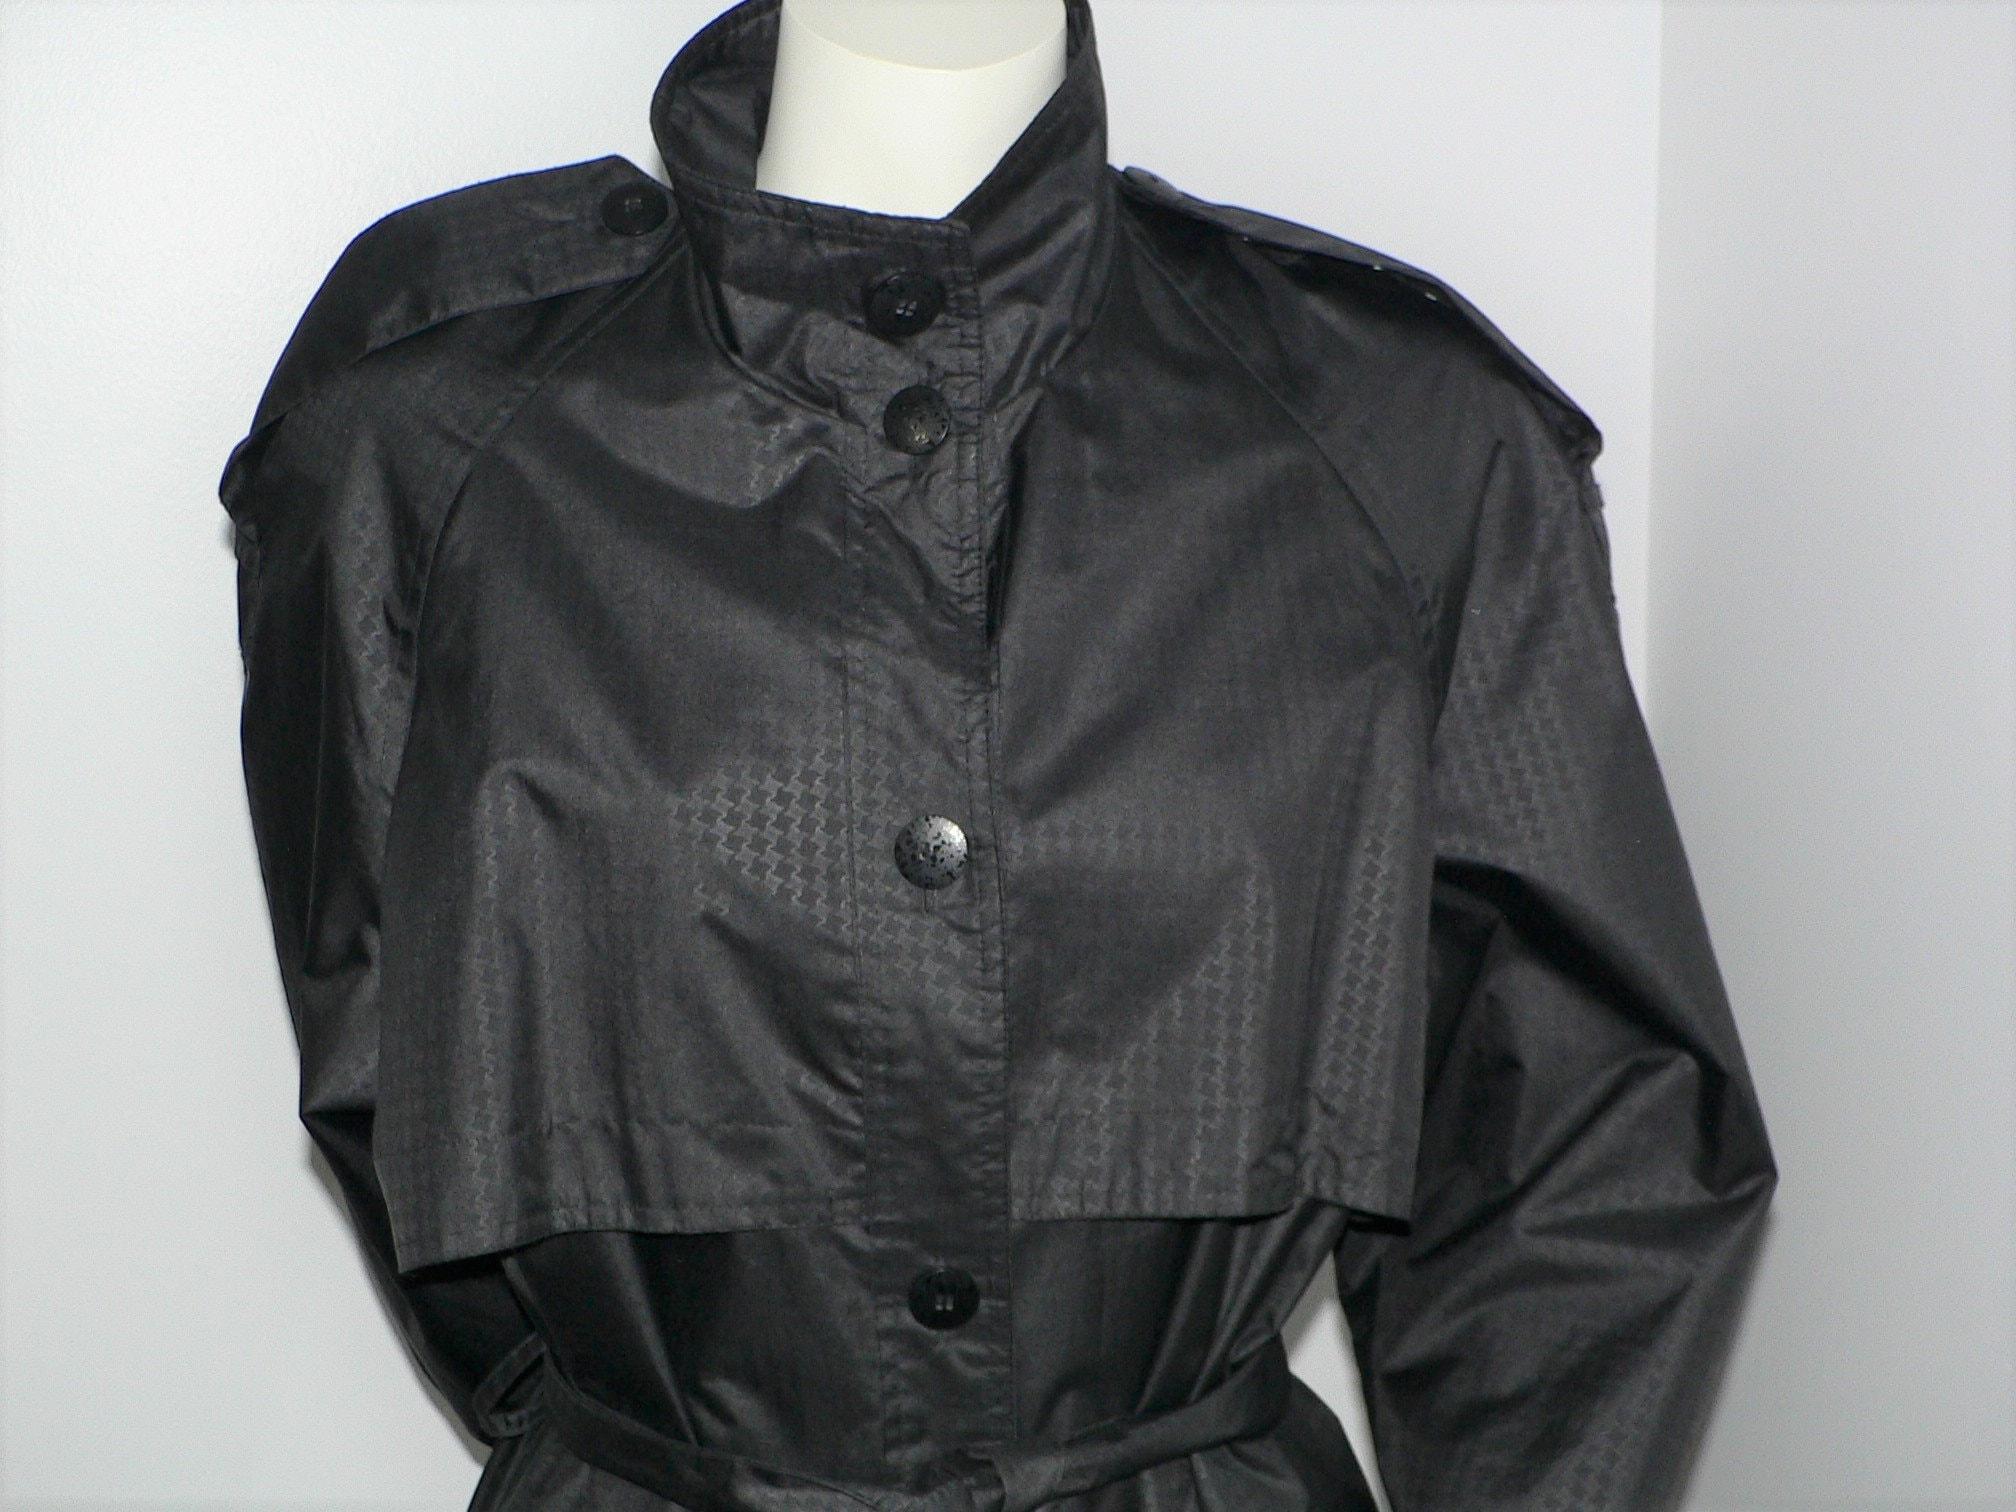 Vintage Scarf Styles -1920s to 1960s Vintage 70S Givenchy Sport Black Trenchcoat, Size M - L $0.00 AT vintagedancer.com